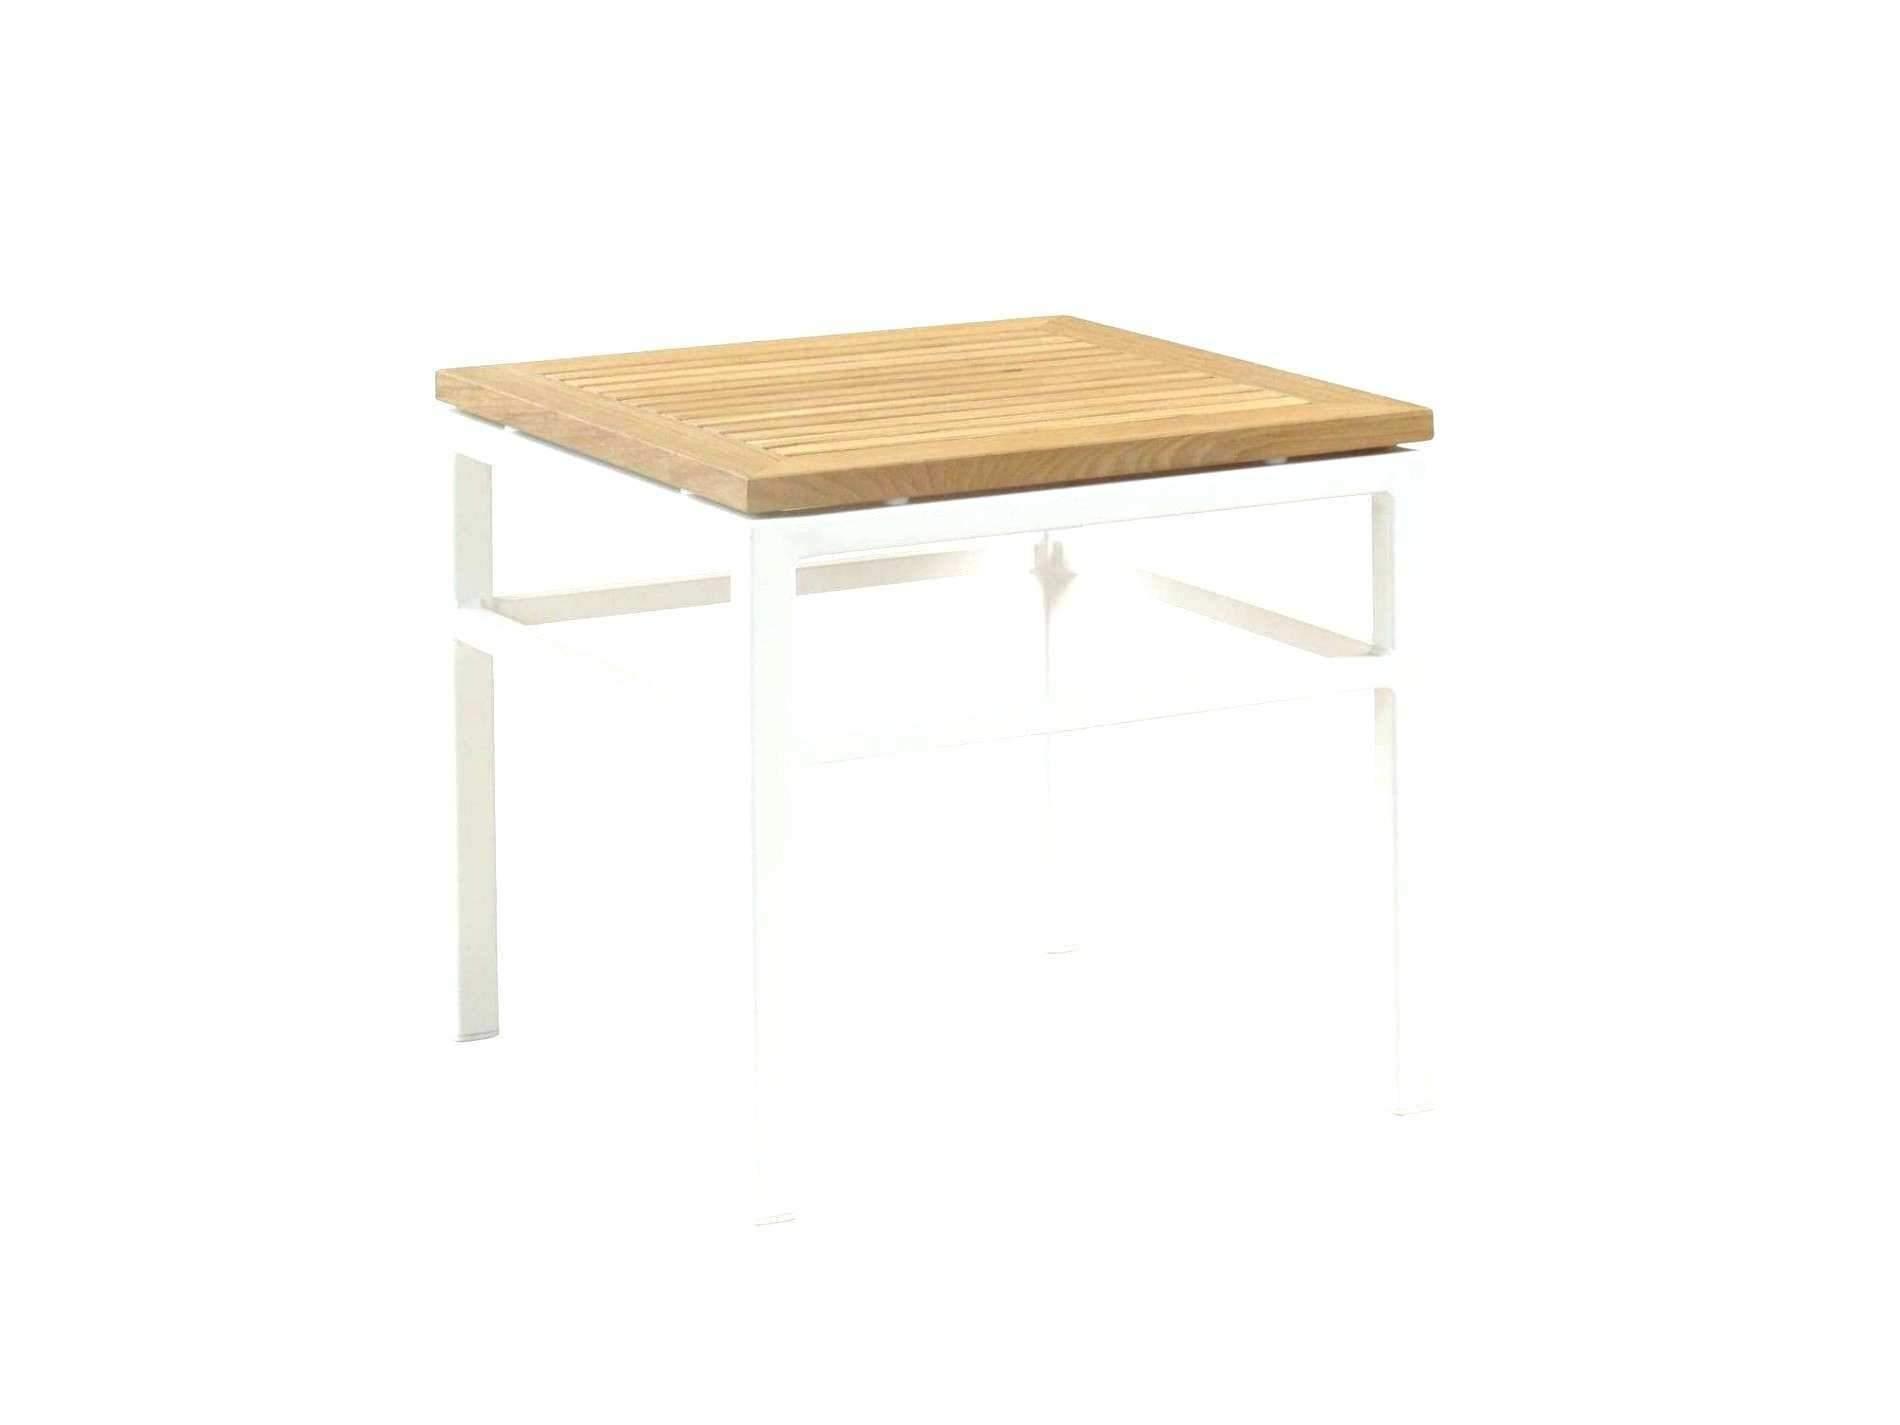 wohnzimmer tisch inspirierend tisch mit rollen meinung denn man wahlt das beste von tisch of wohnzimmer tisch